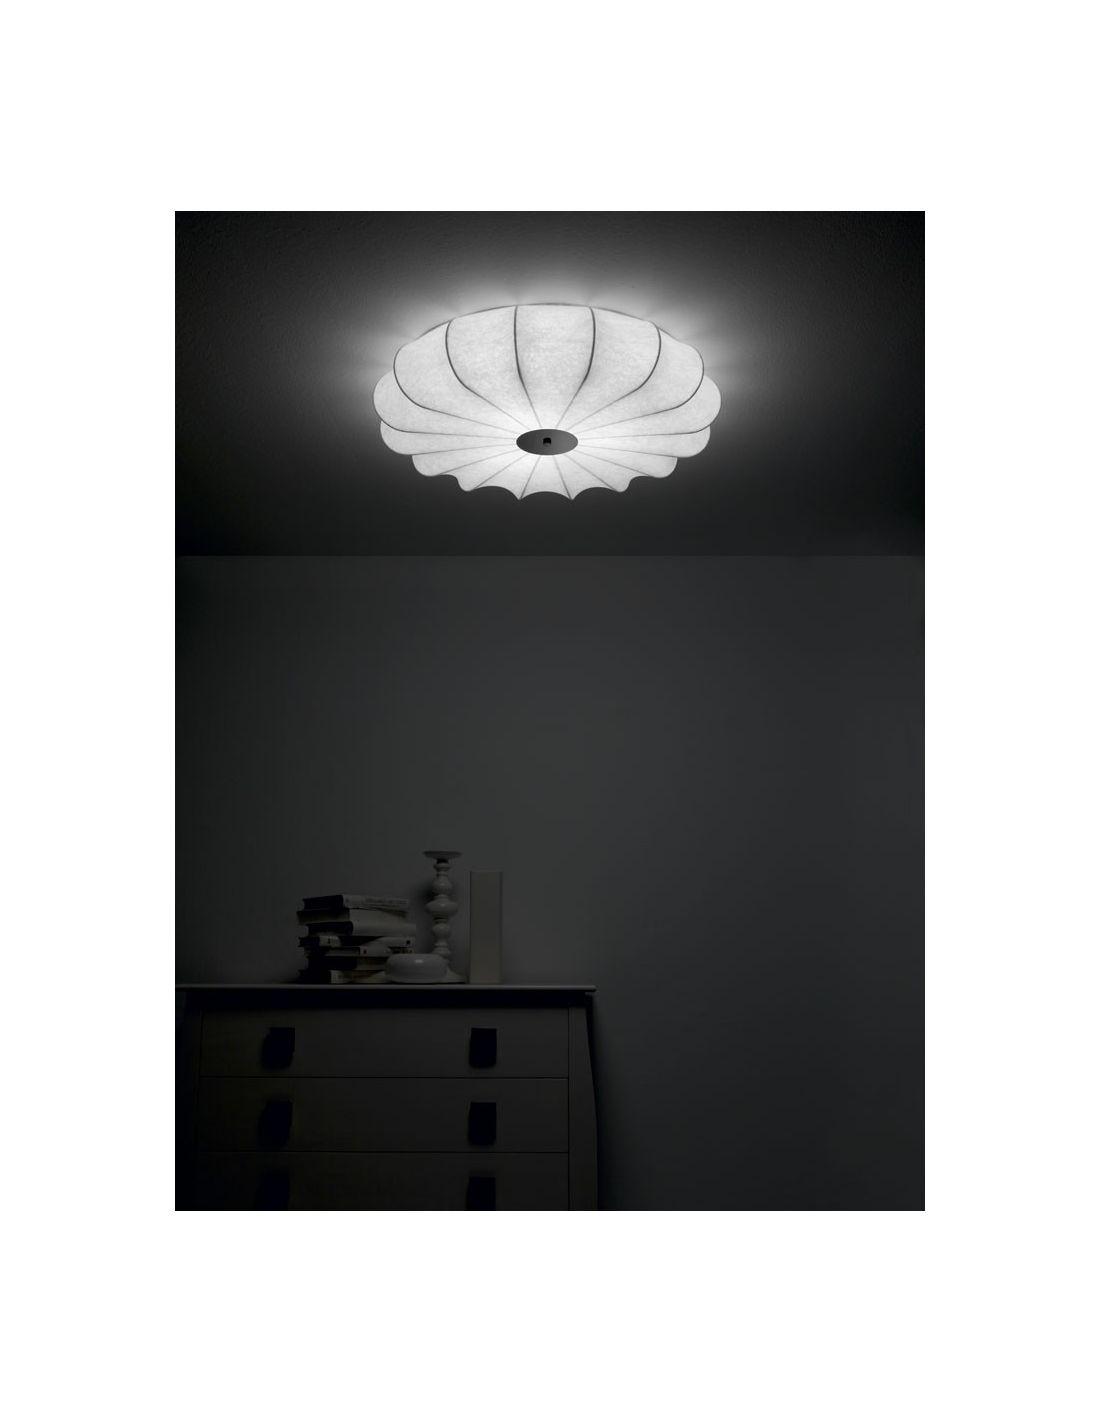 Catálogo Lámparas Anperbar Luz Sevilla